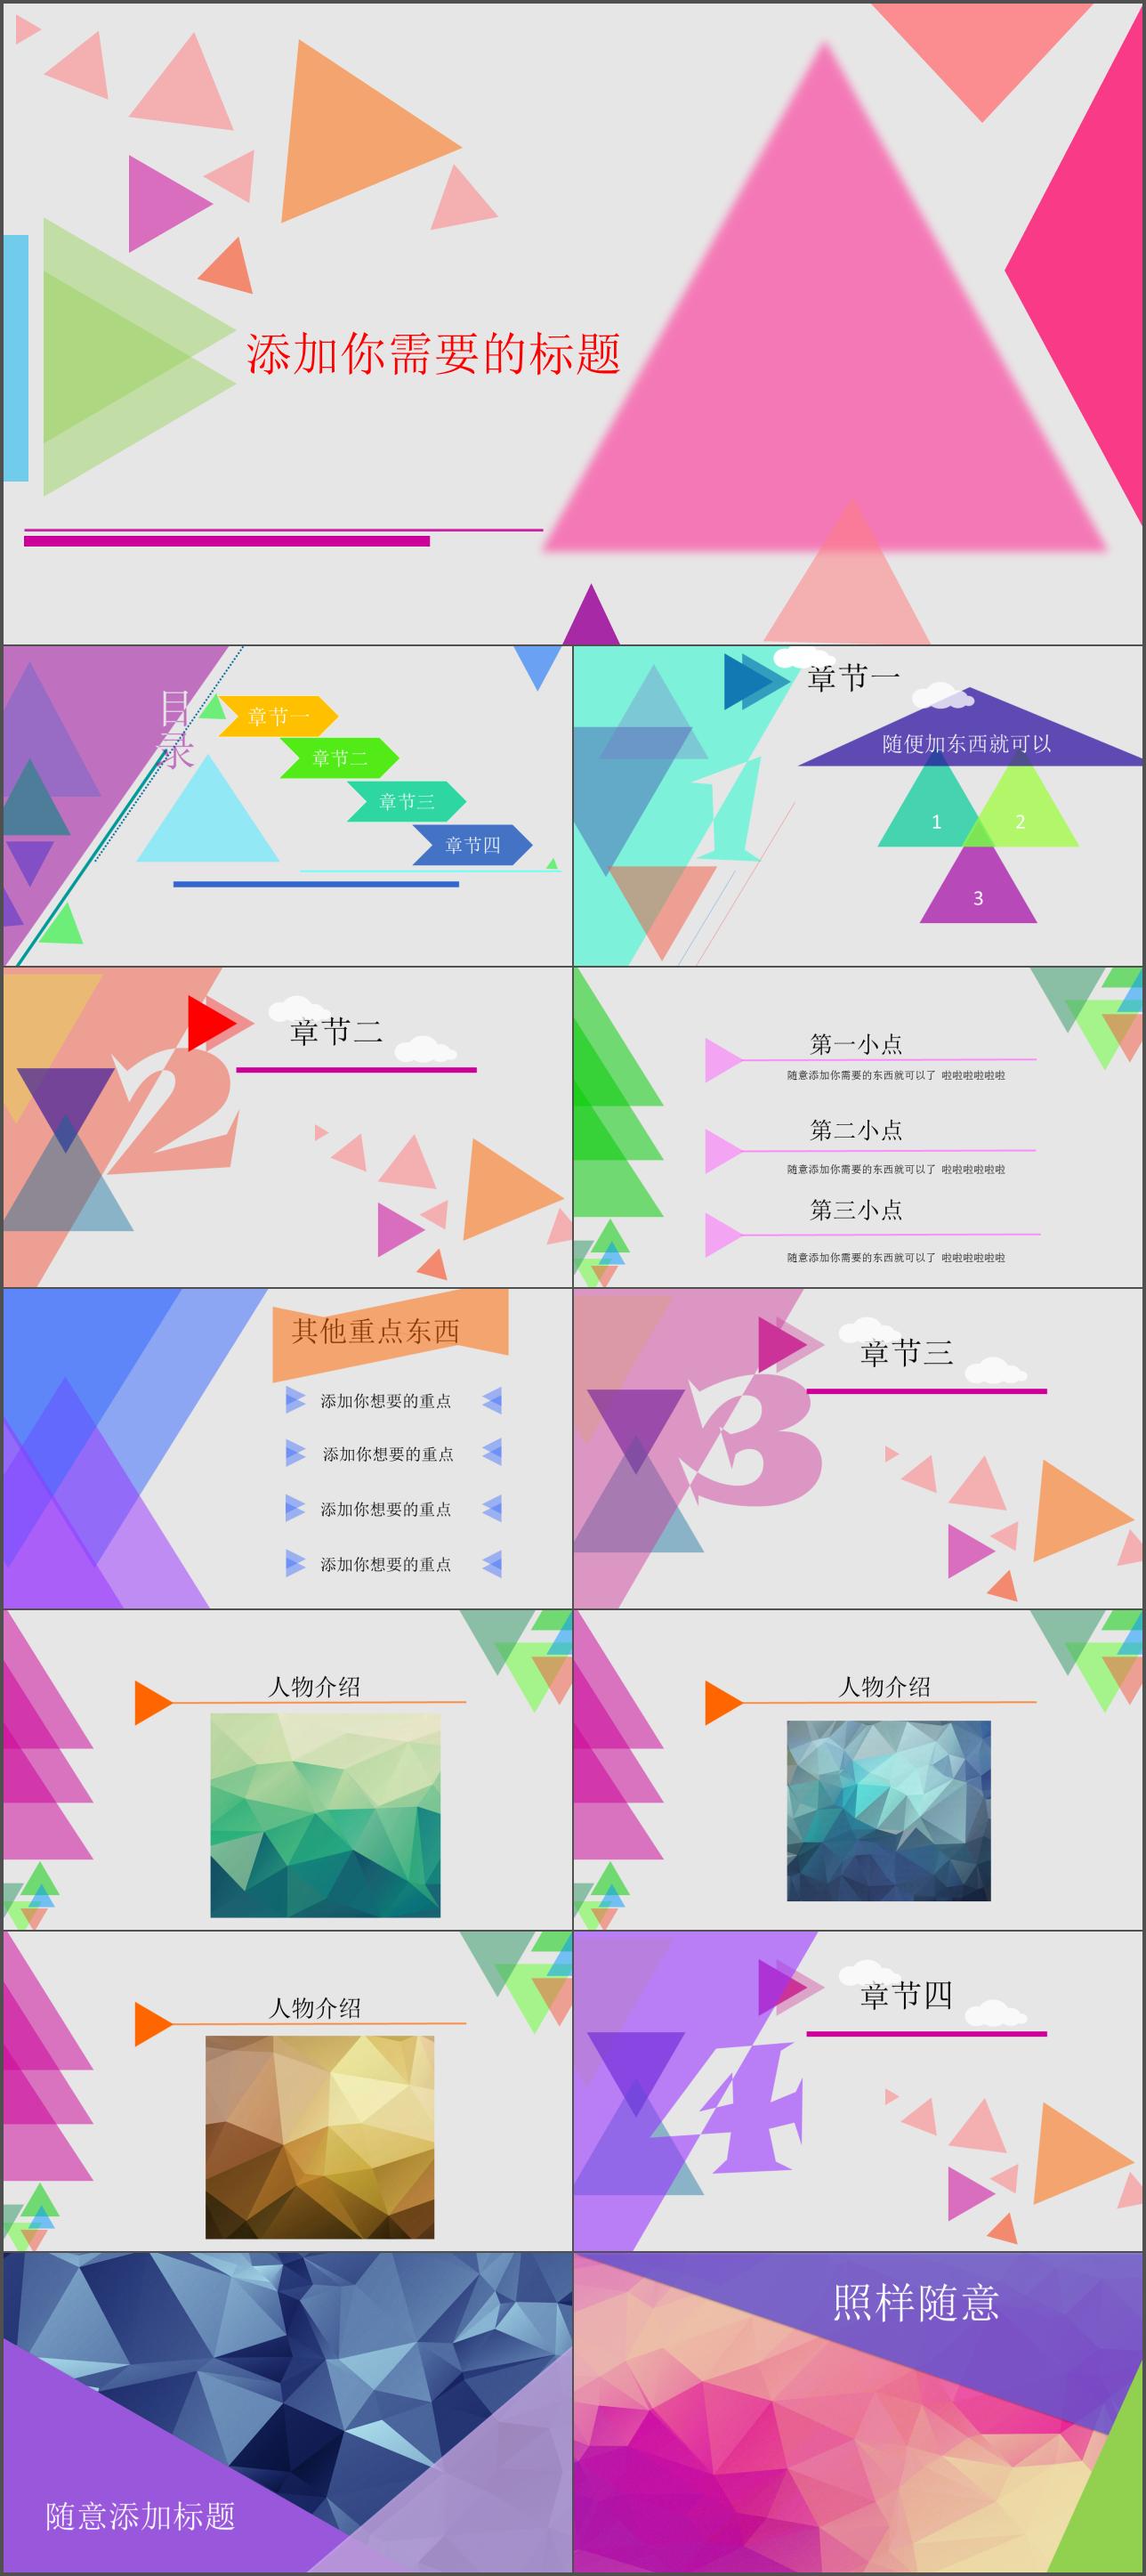 三角形唯美风格ppt - 计划总结 - 开心ppt素材网